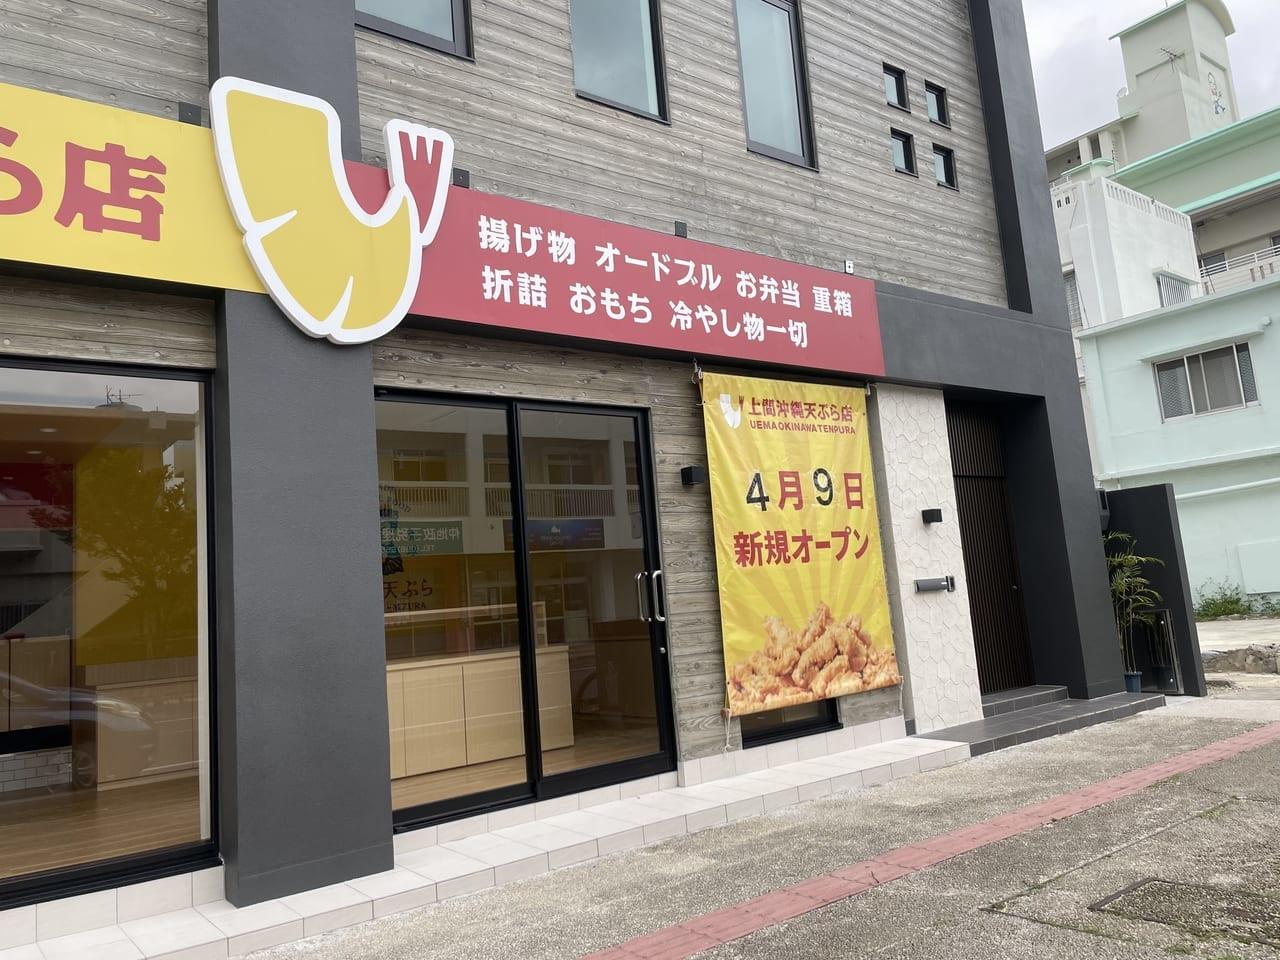 上間天ぷら店石川